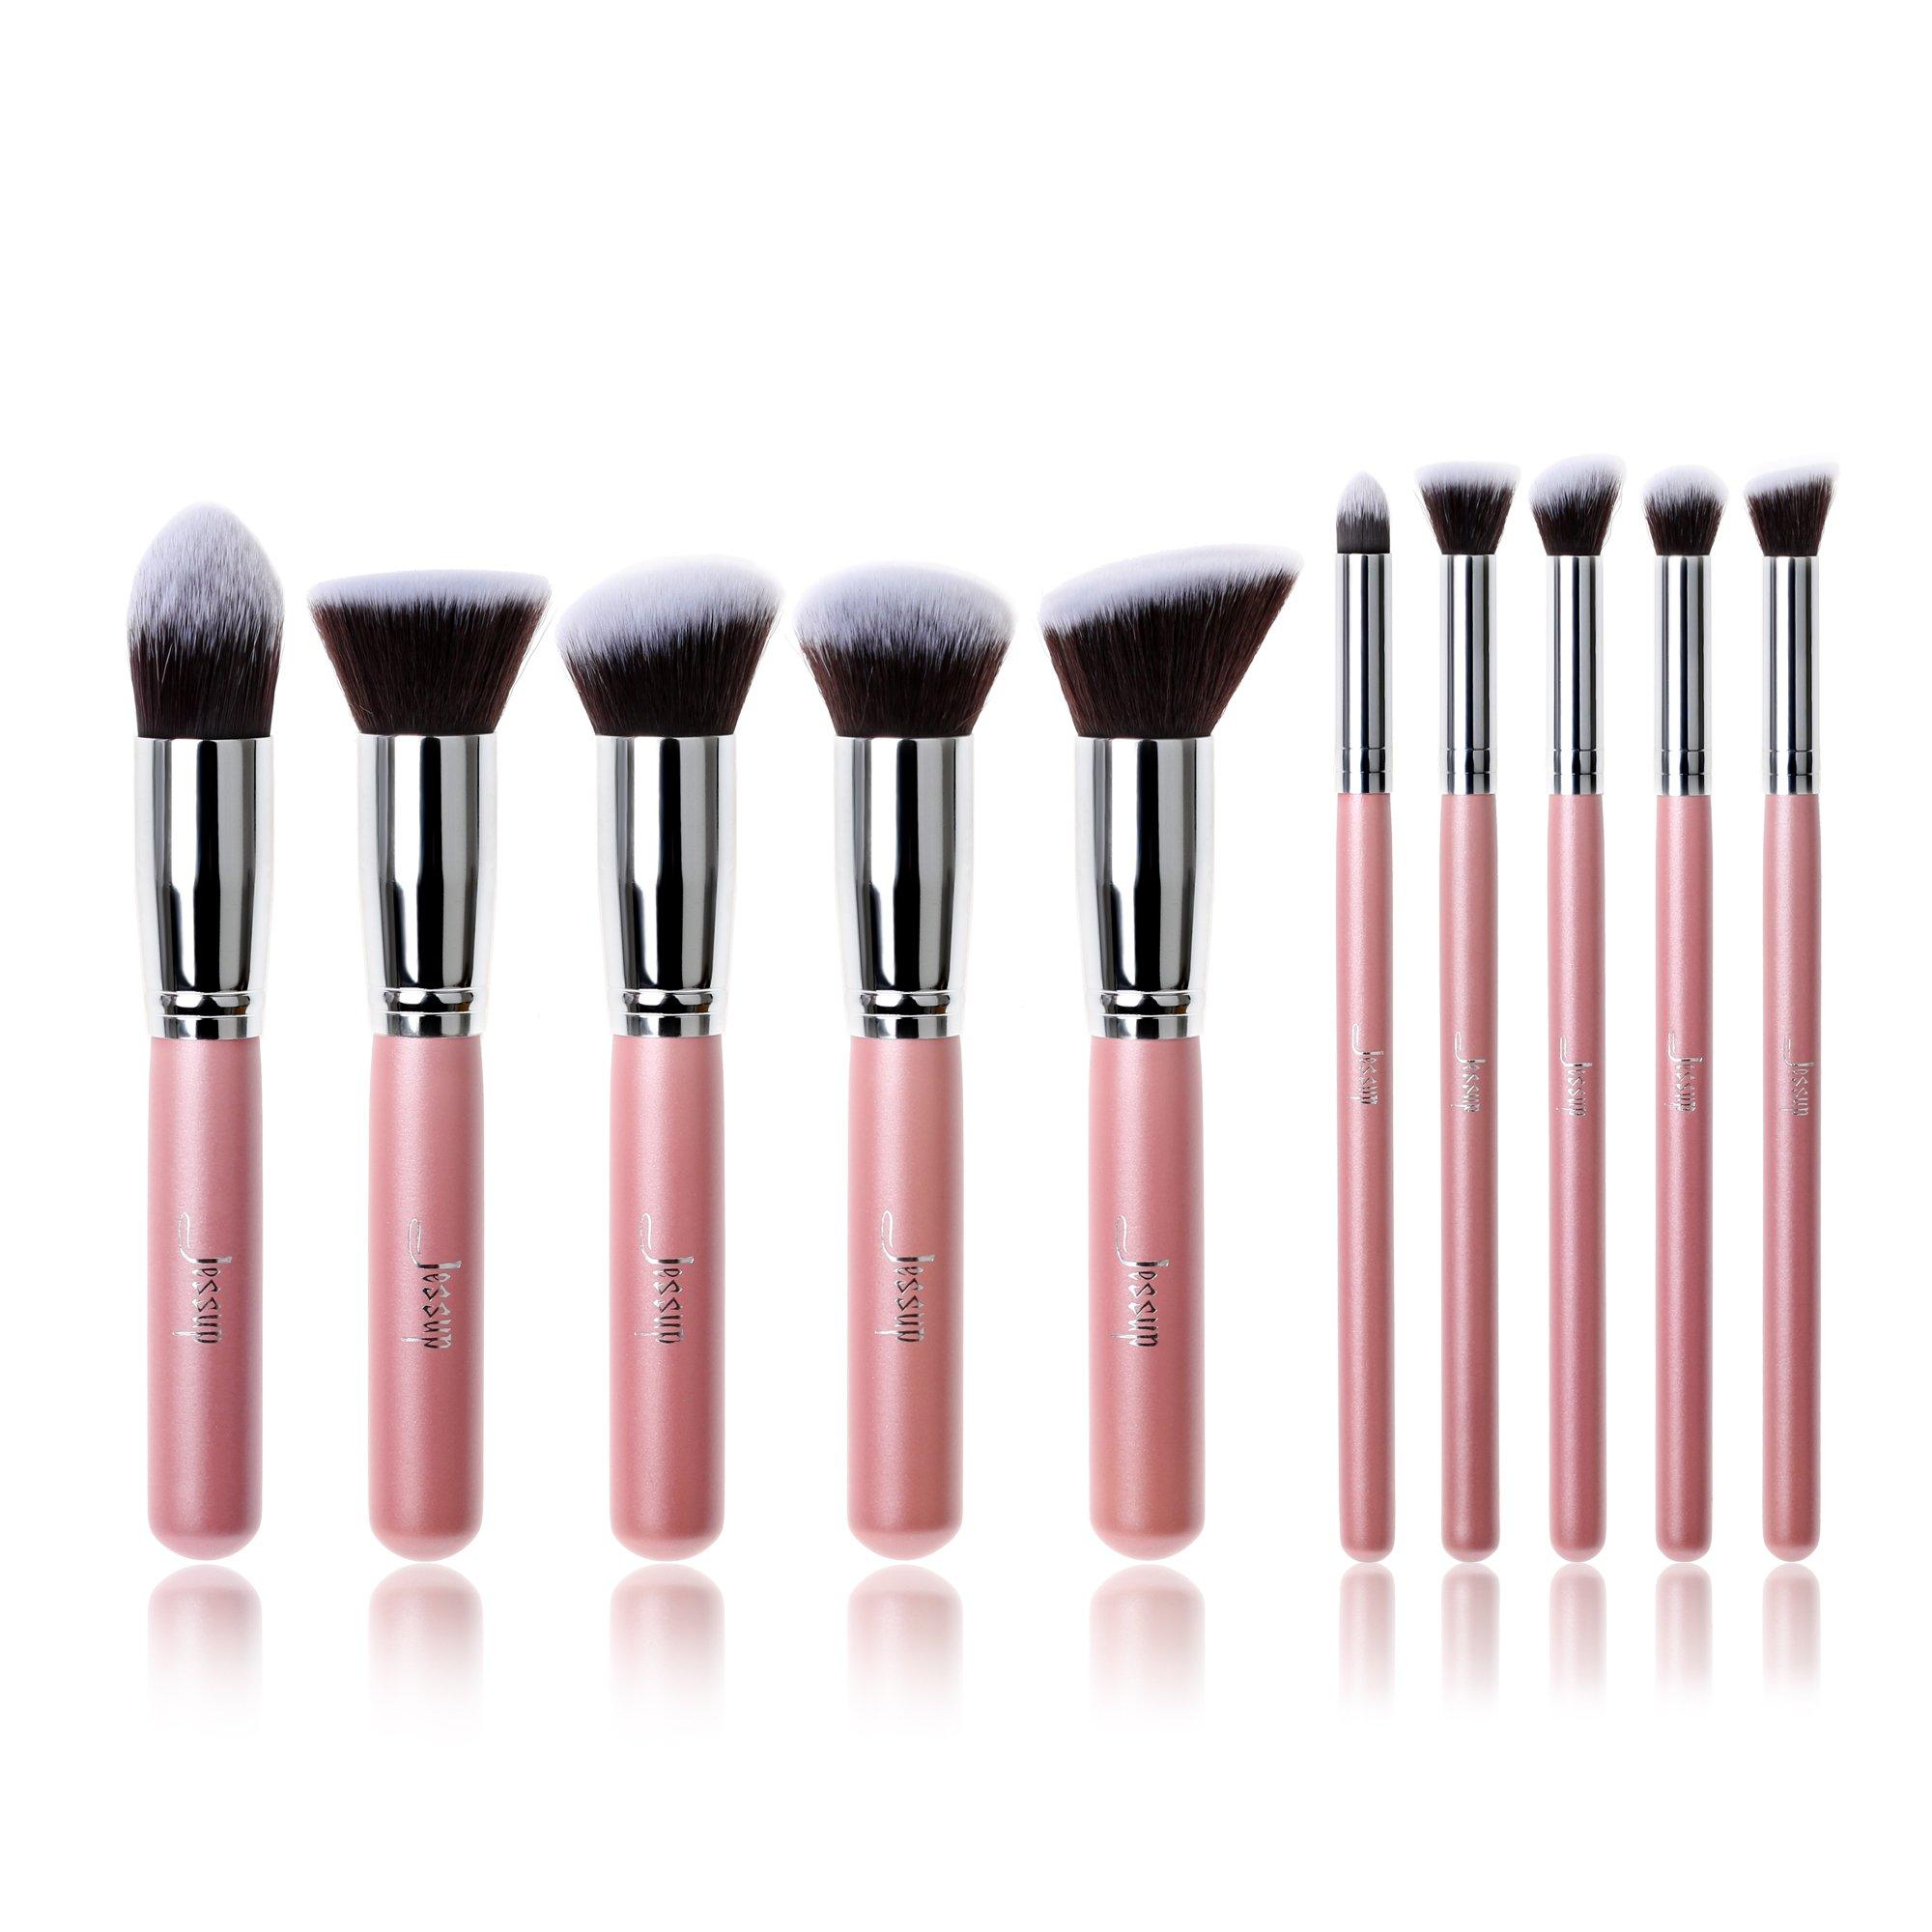 abef50b67ab Jessup Kabuki 10pcs Pink/Silver Cosmetics Makeup Brush Tools kit Buffer  Eyeliner Blending Eye Concealer